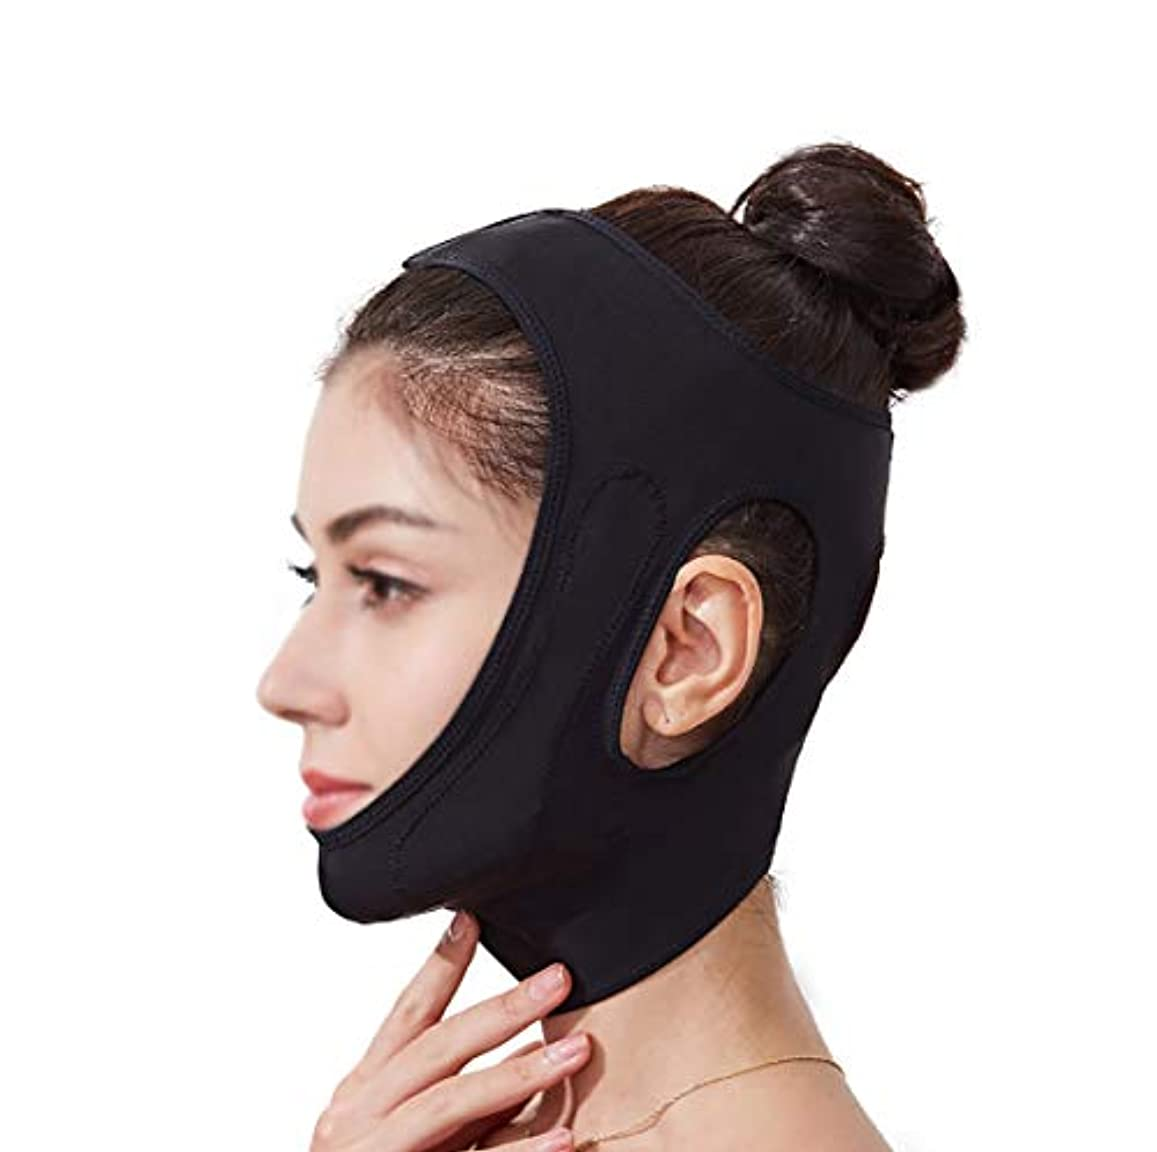 ピカソ削除するシャイニングLJK フェイスリフティングマスク、360°オールラウンドリフティングフェイシャルコンター、あごを閉じて肌を引き締め、快適でフェイスライトと通気性をサポート (Color : Black)